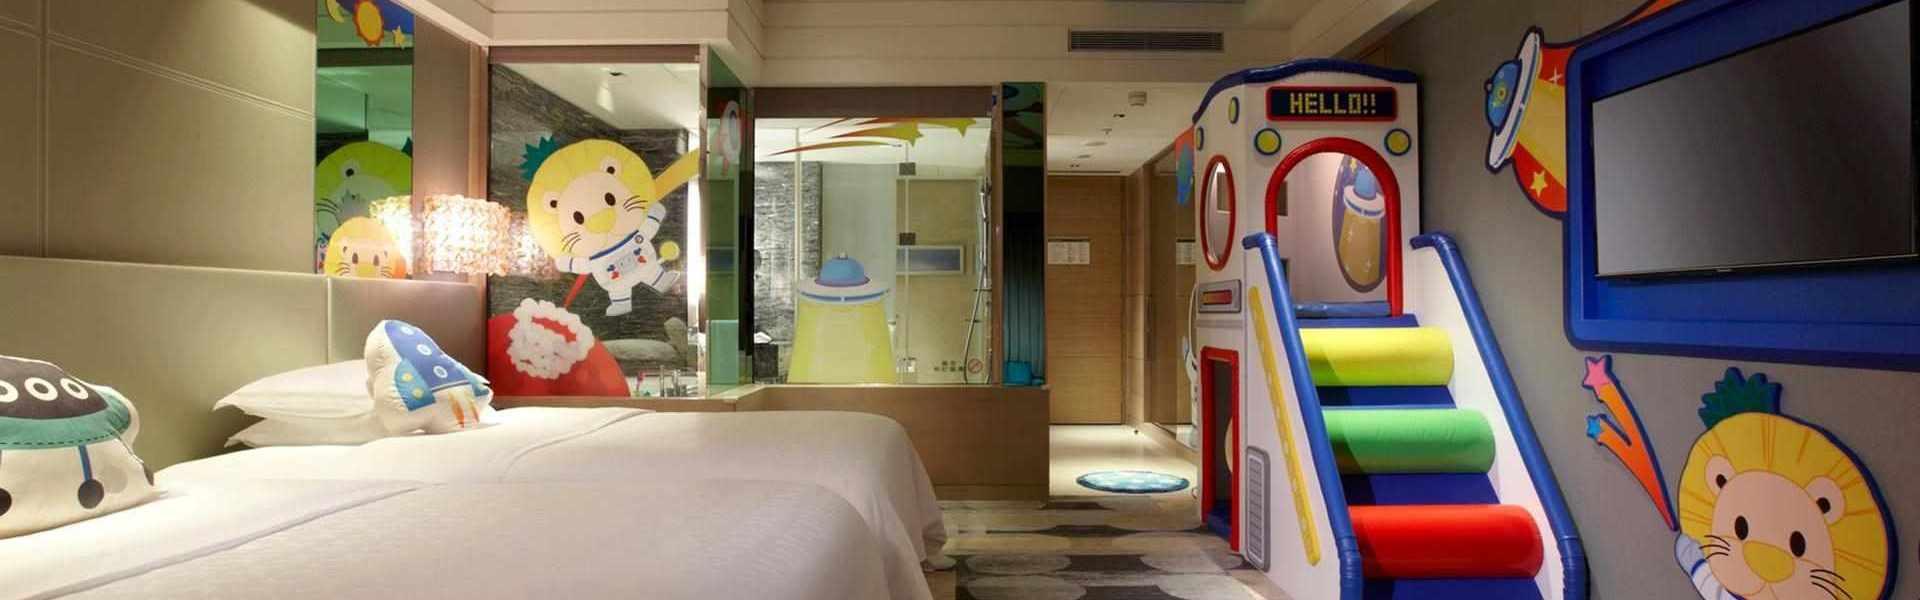 【新竹住宿推薦】全家輕鬆玩新竹!5間新竹親子住宿飯店,鄰近新竹市區、竹科、高鐵站!